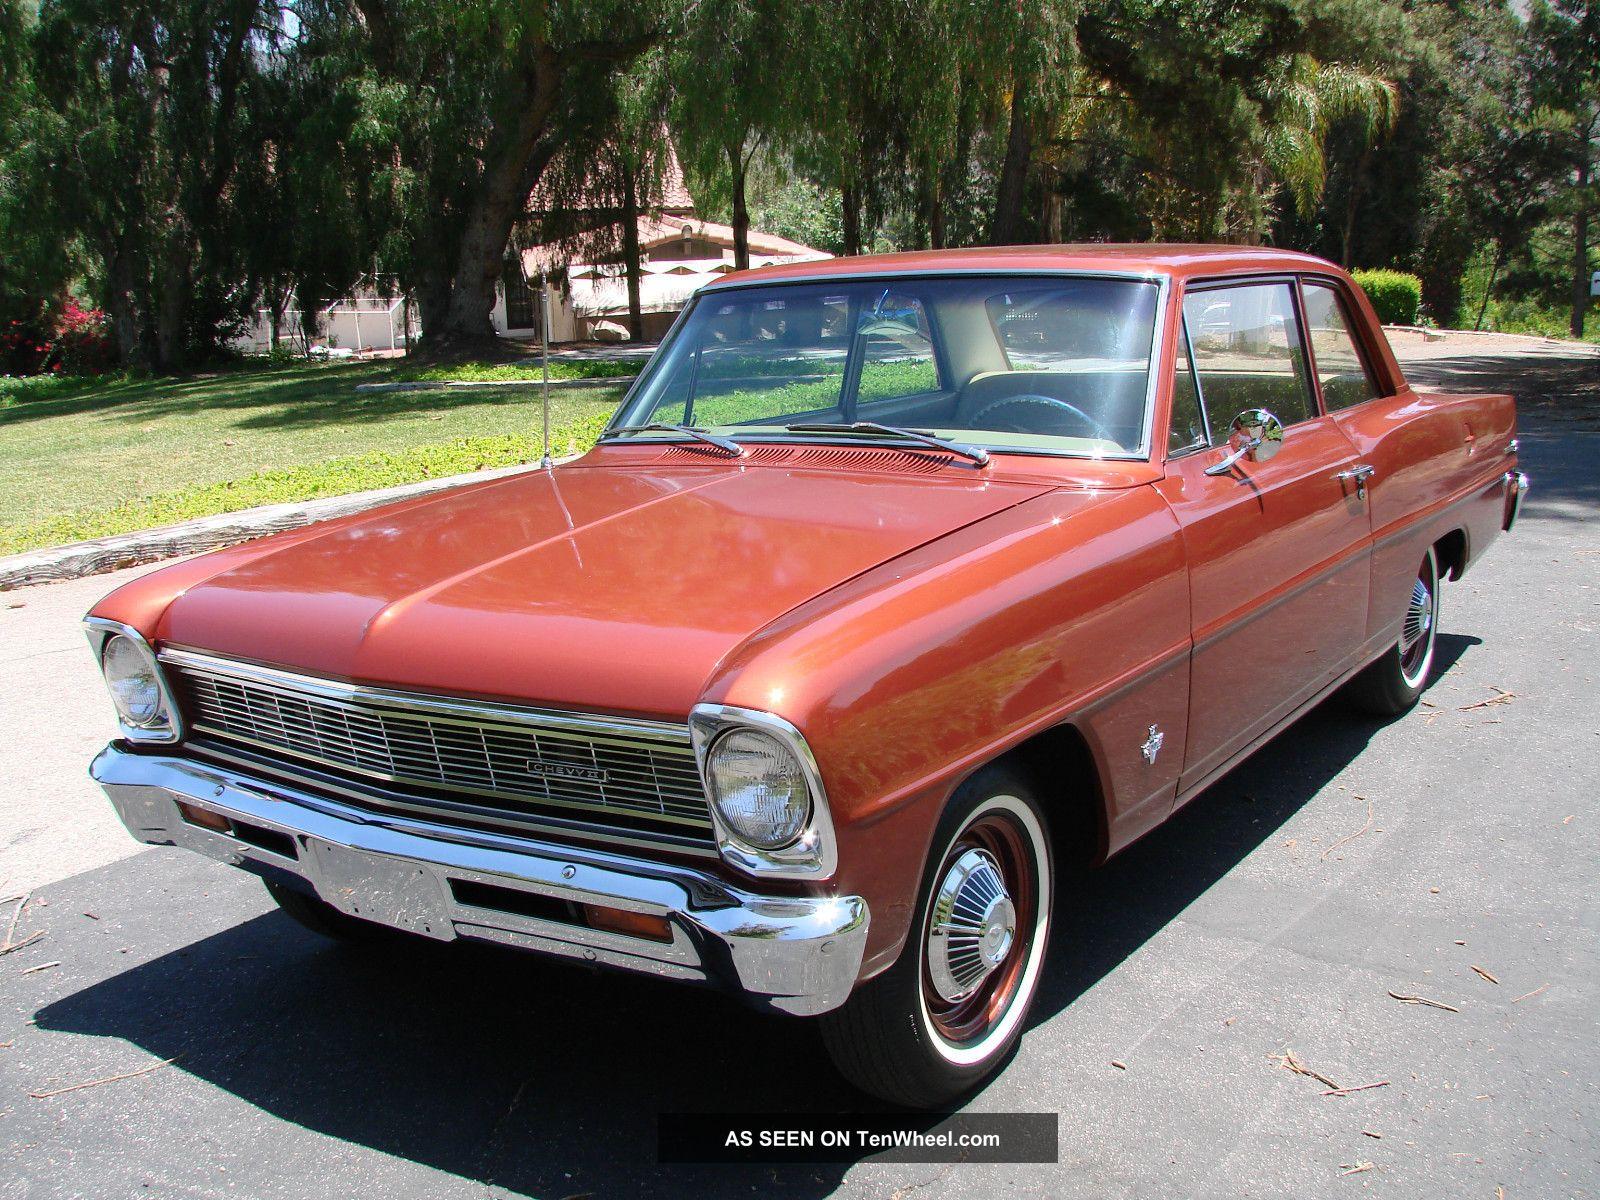 1966 L - 79 Nova Sedan Nova photo